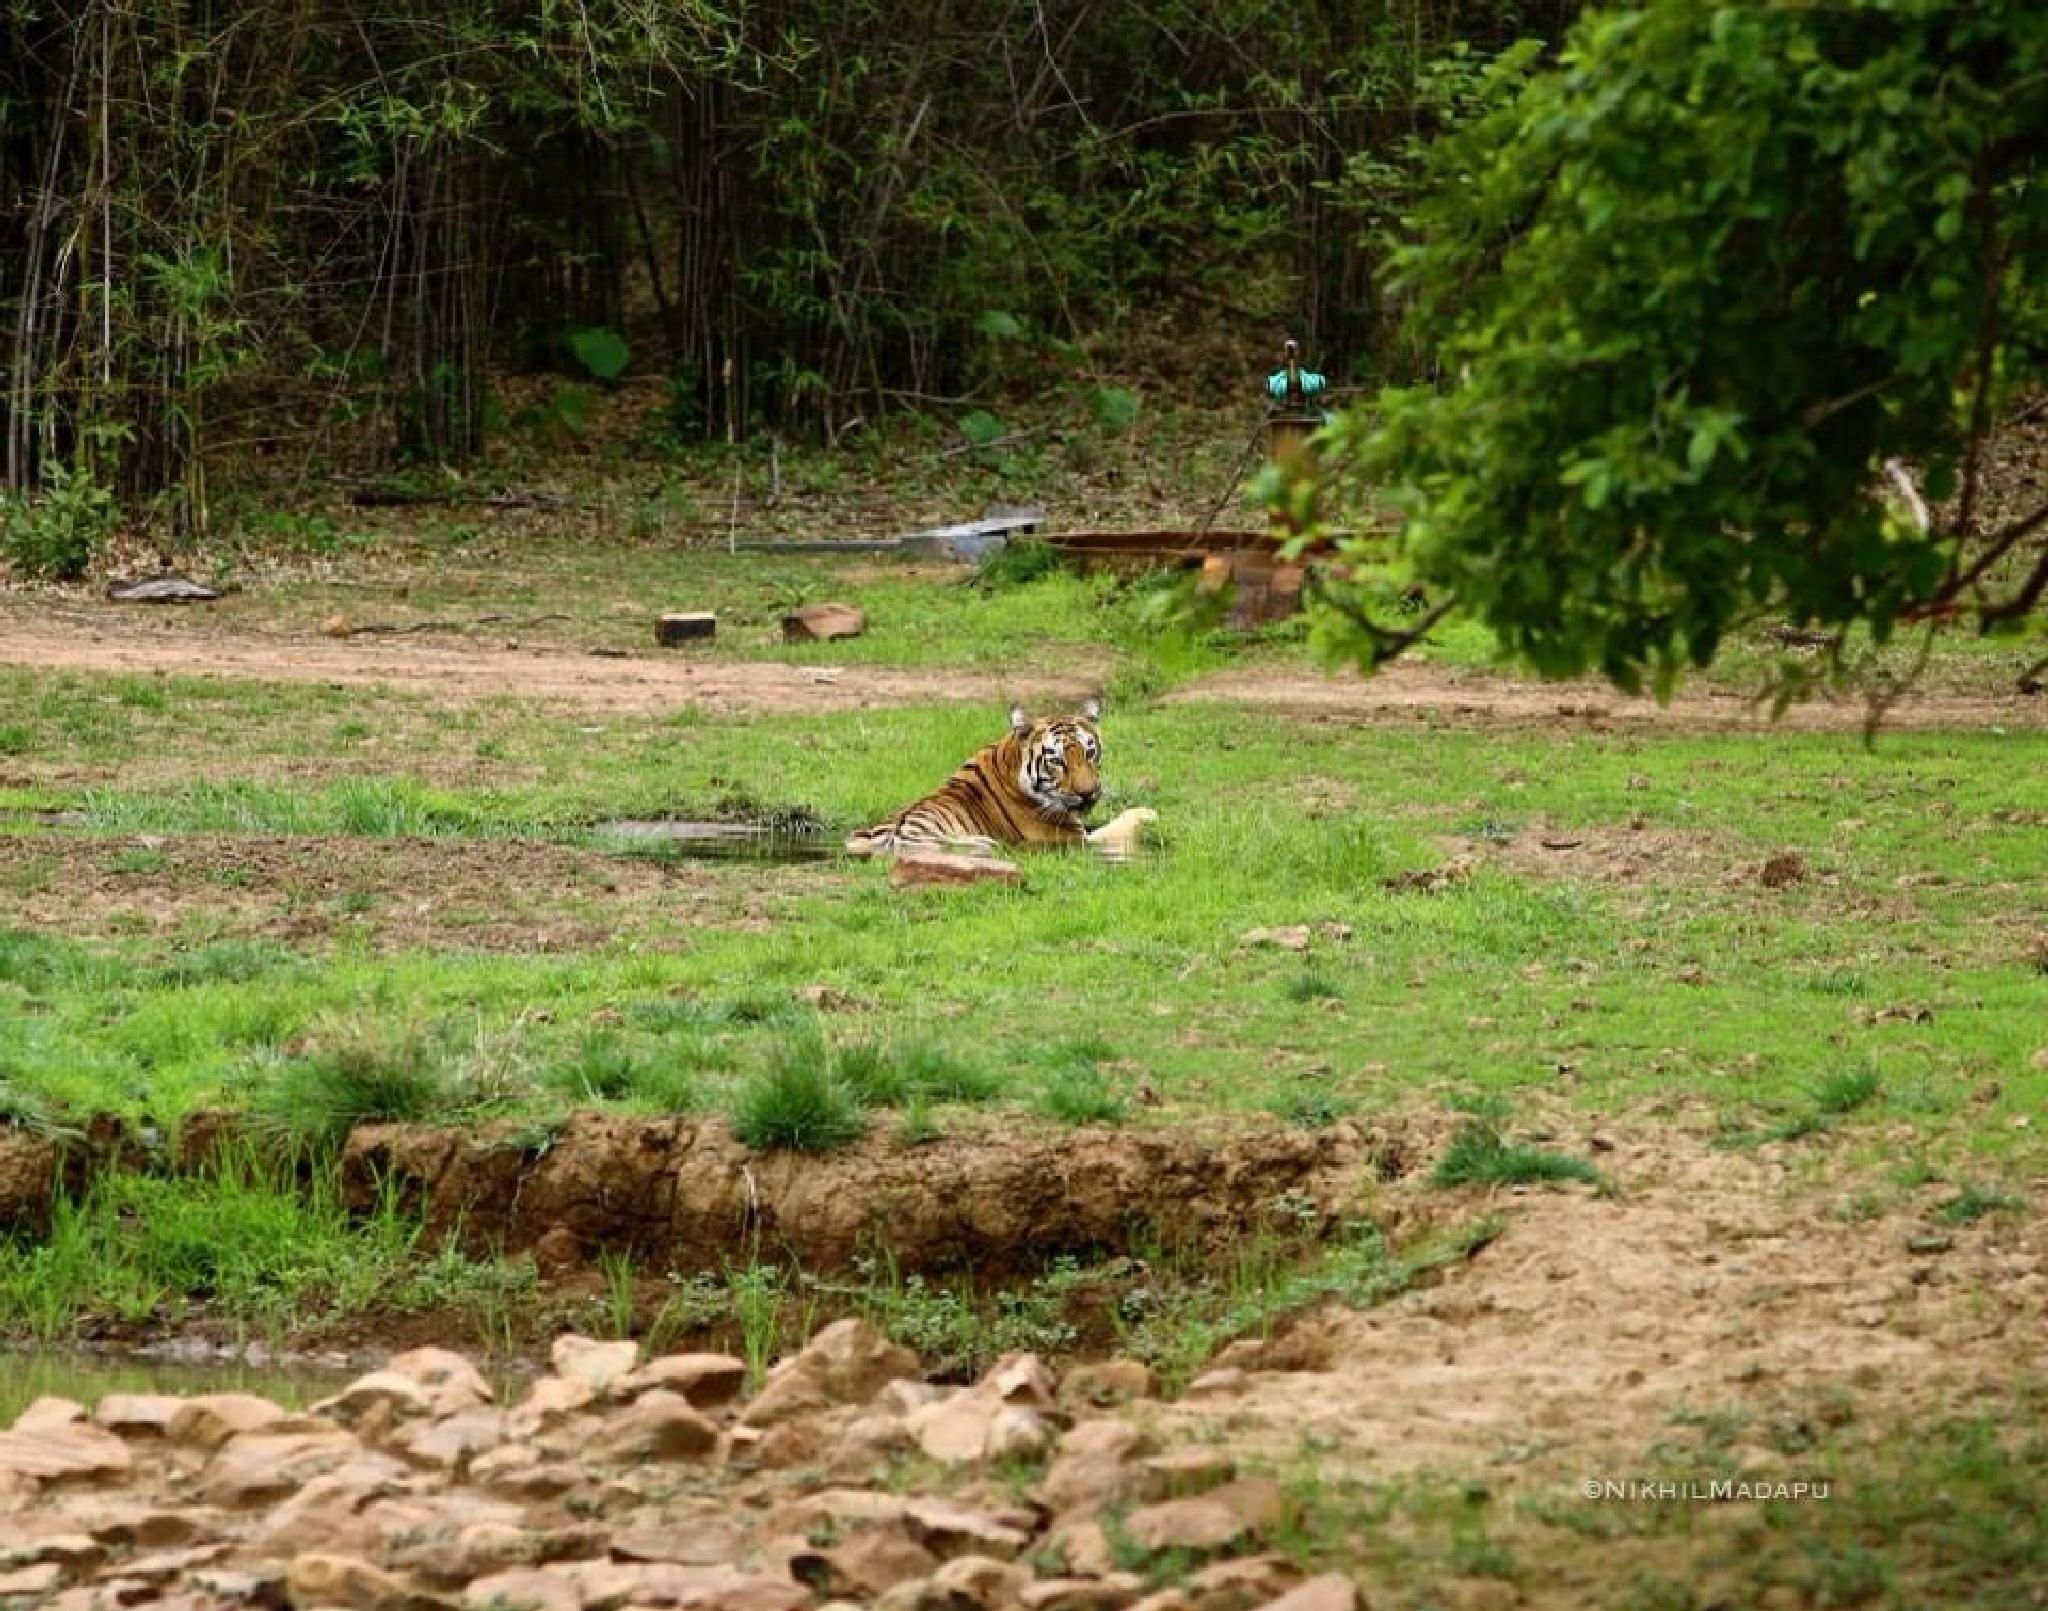 Tigress by Nikhil madapu